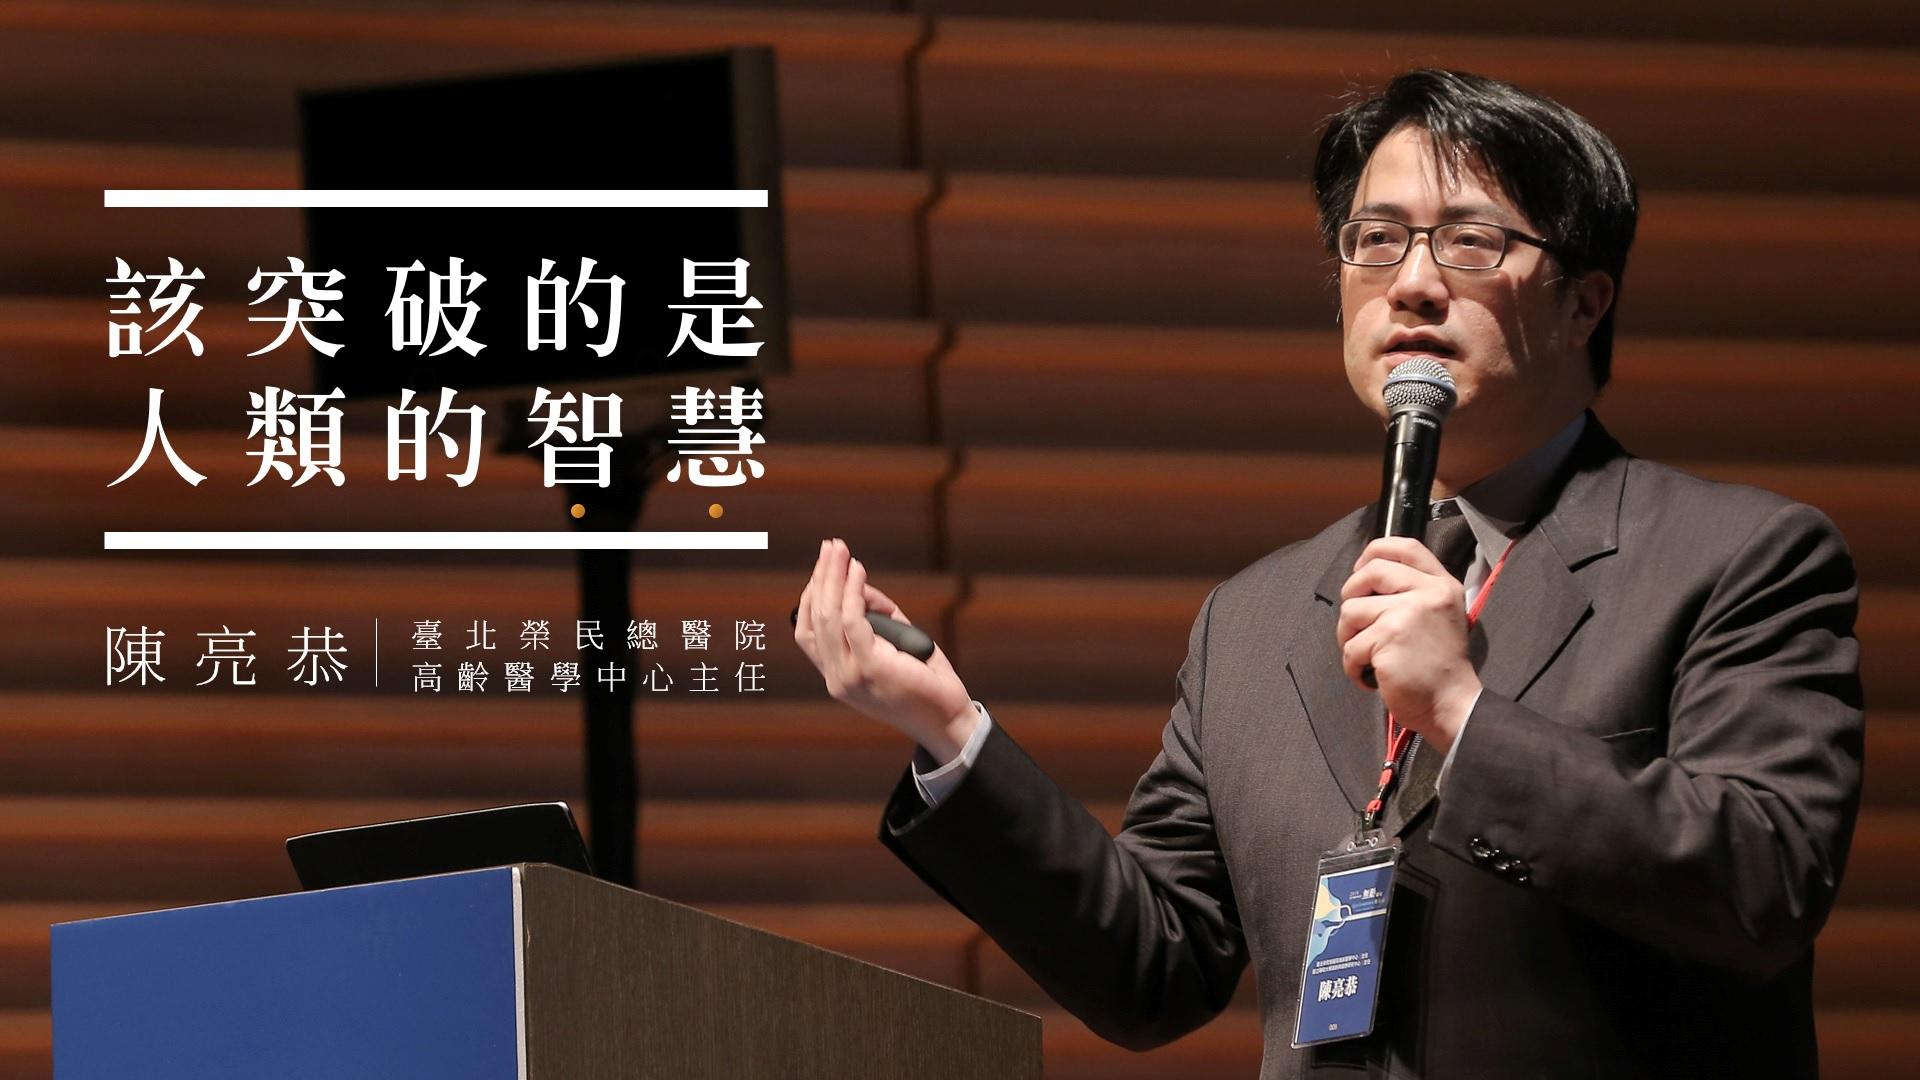 「該突破的是人類的智慧」榮總高齡醫學中心主任陳亮恭 這樣看AI與醫學發展